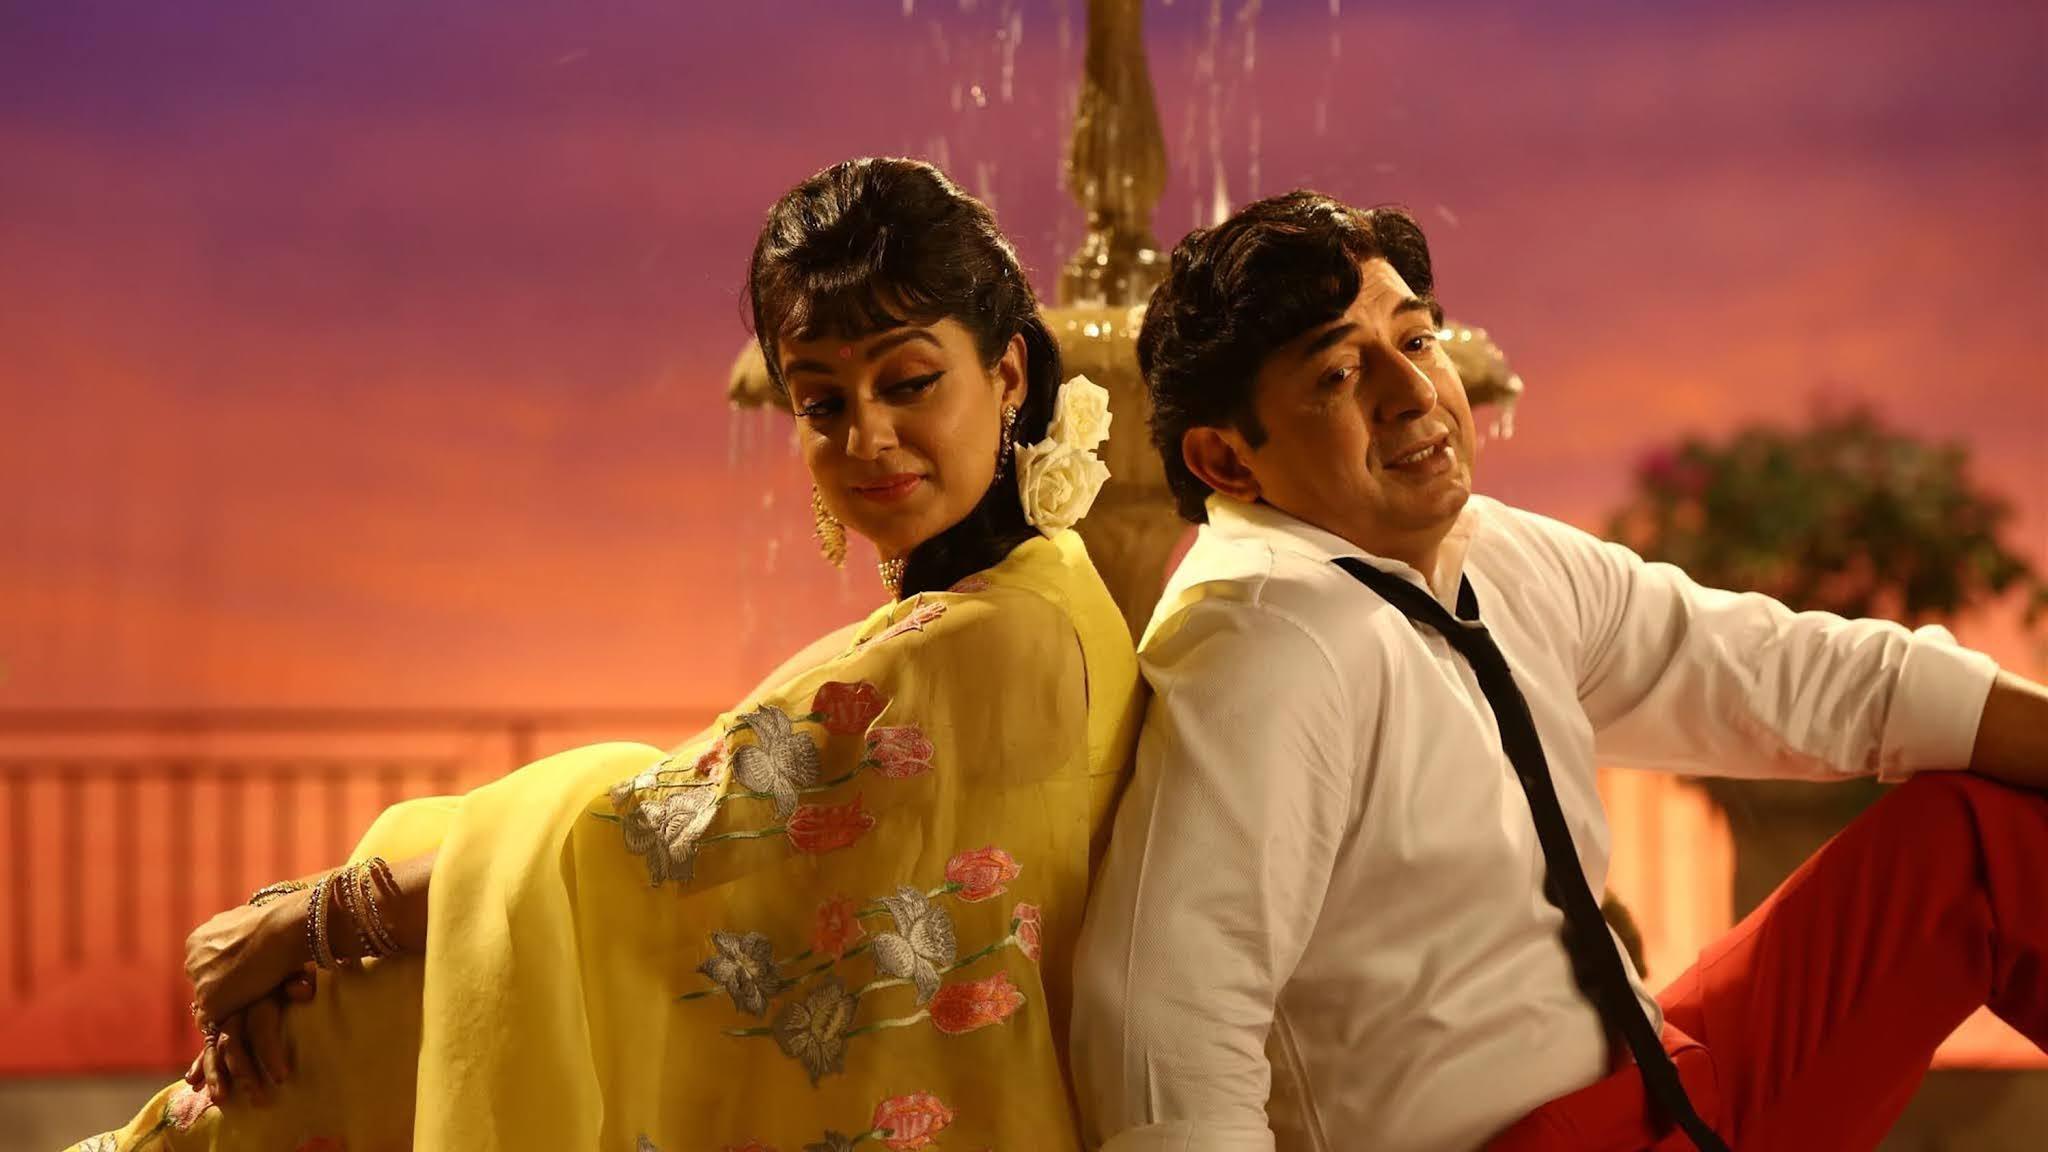 Jayalalithaa dan MGR diperankan oleh Kangana Ranaut dan Arvind Swami